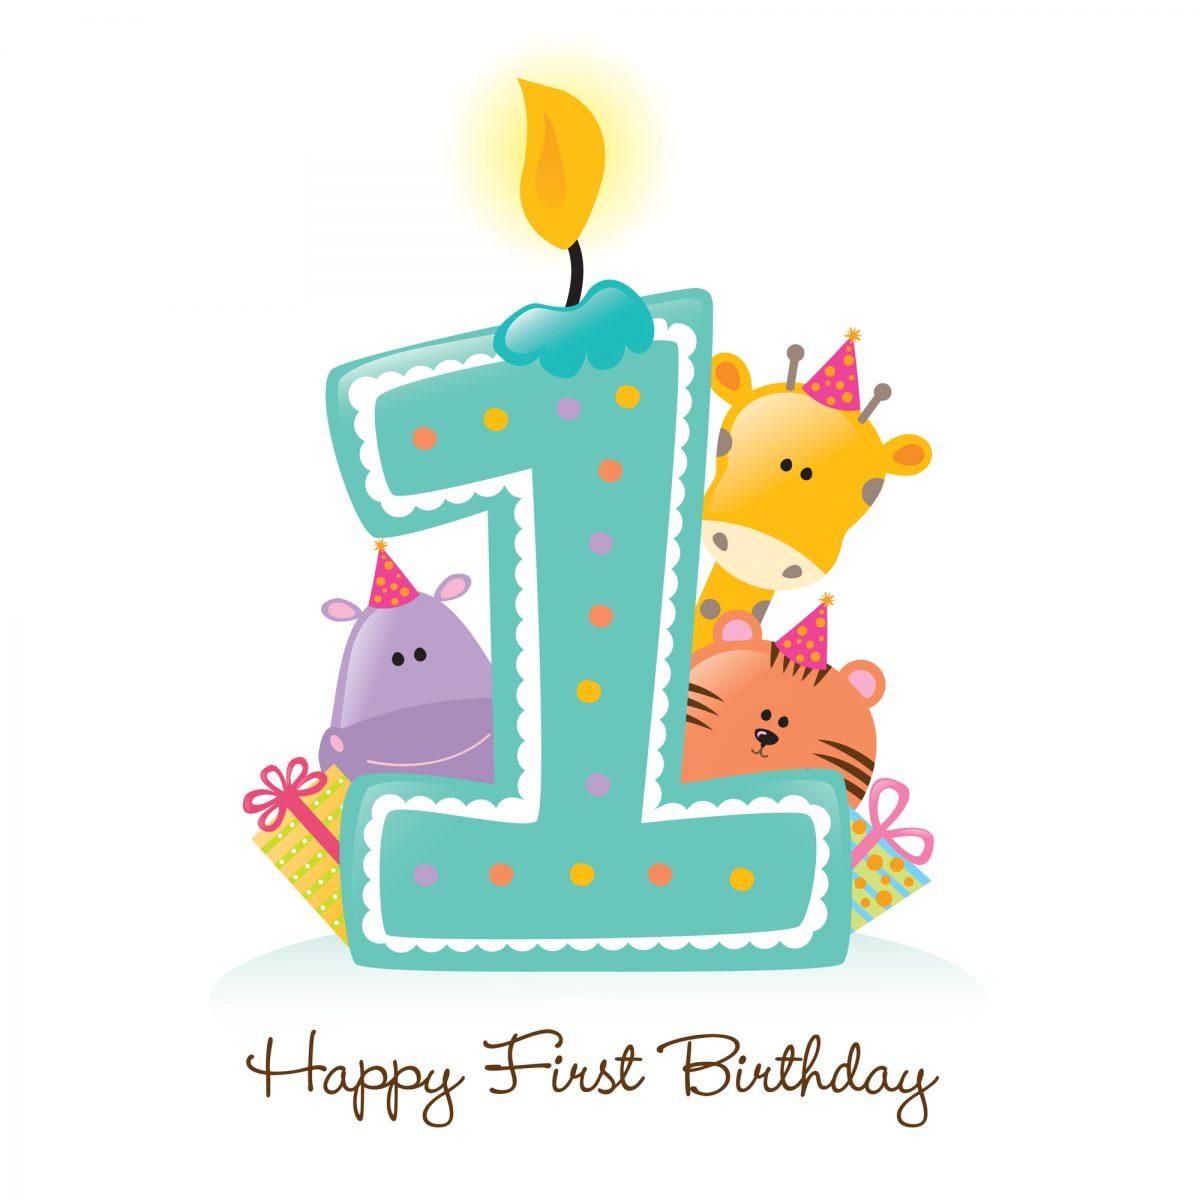 disegno per invito alla festa di primo compleanno